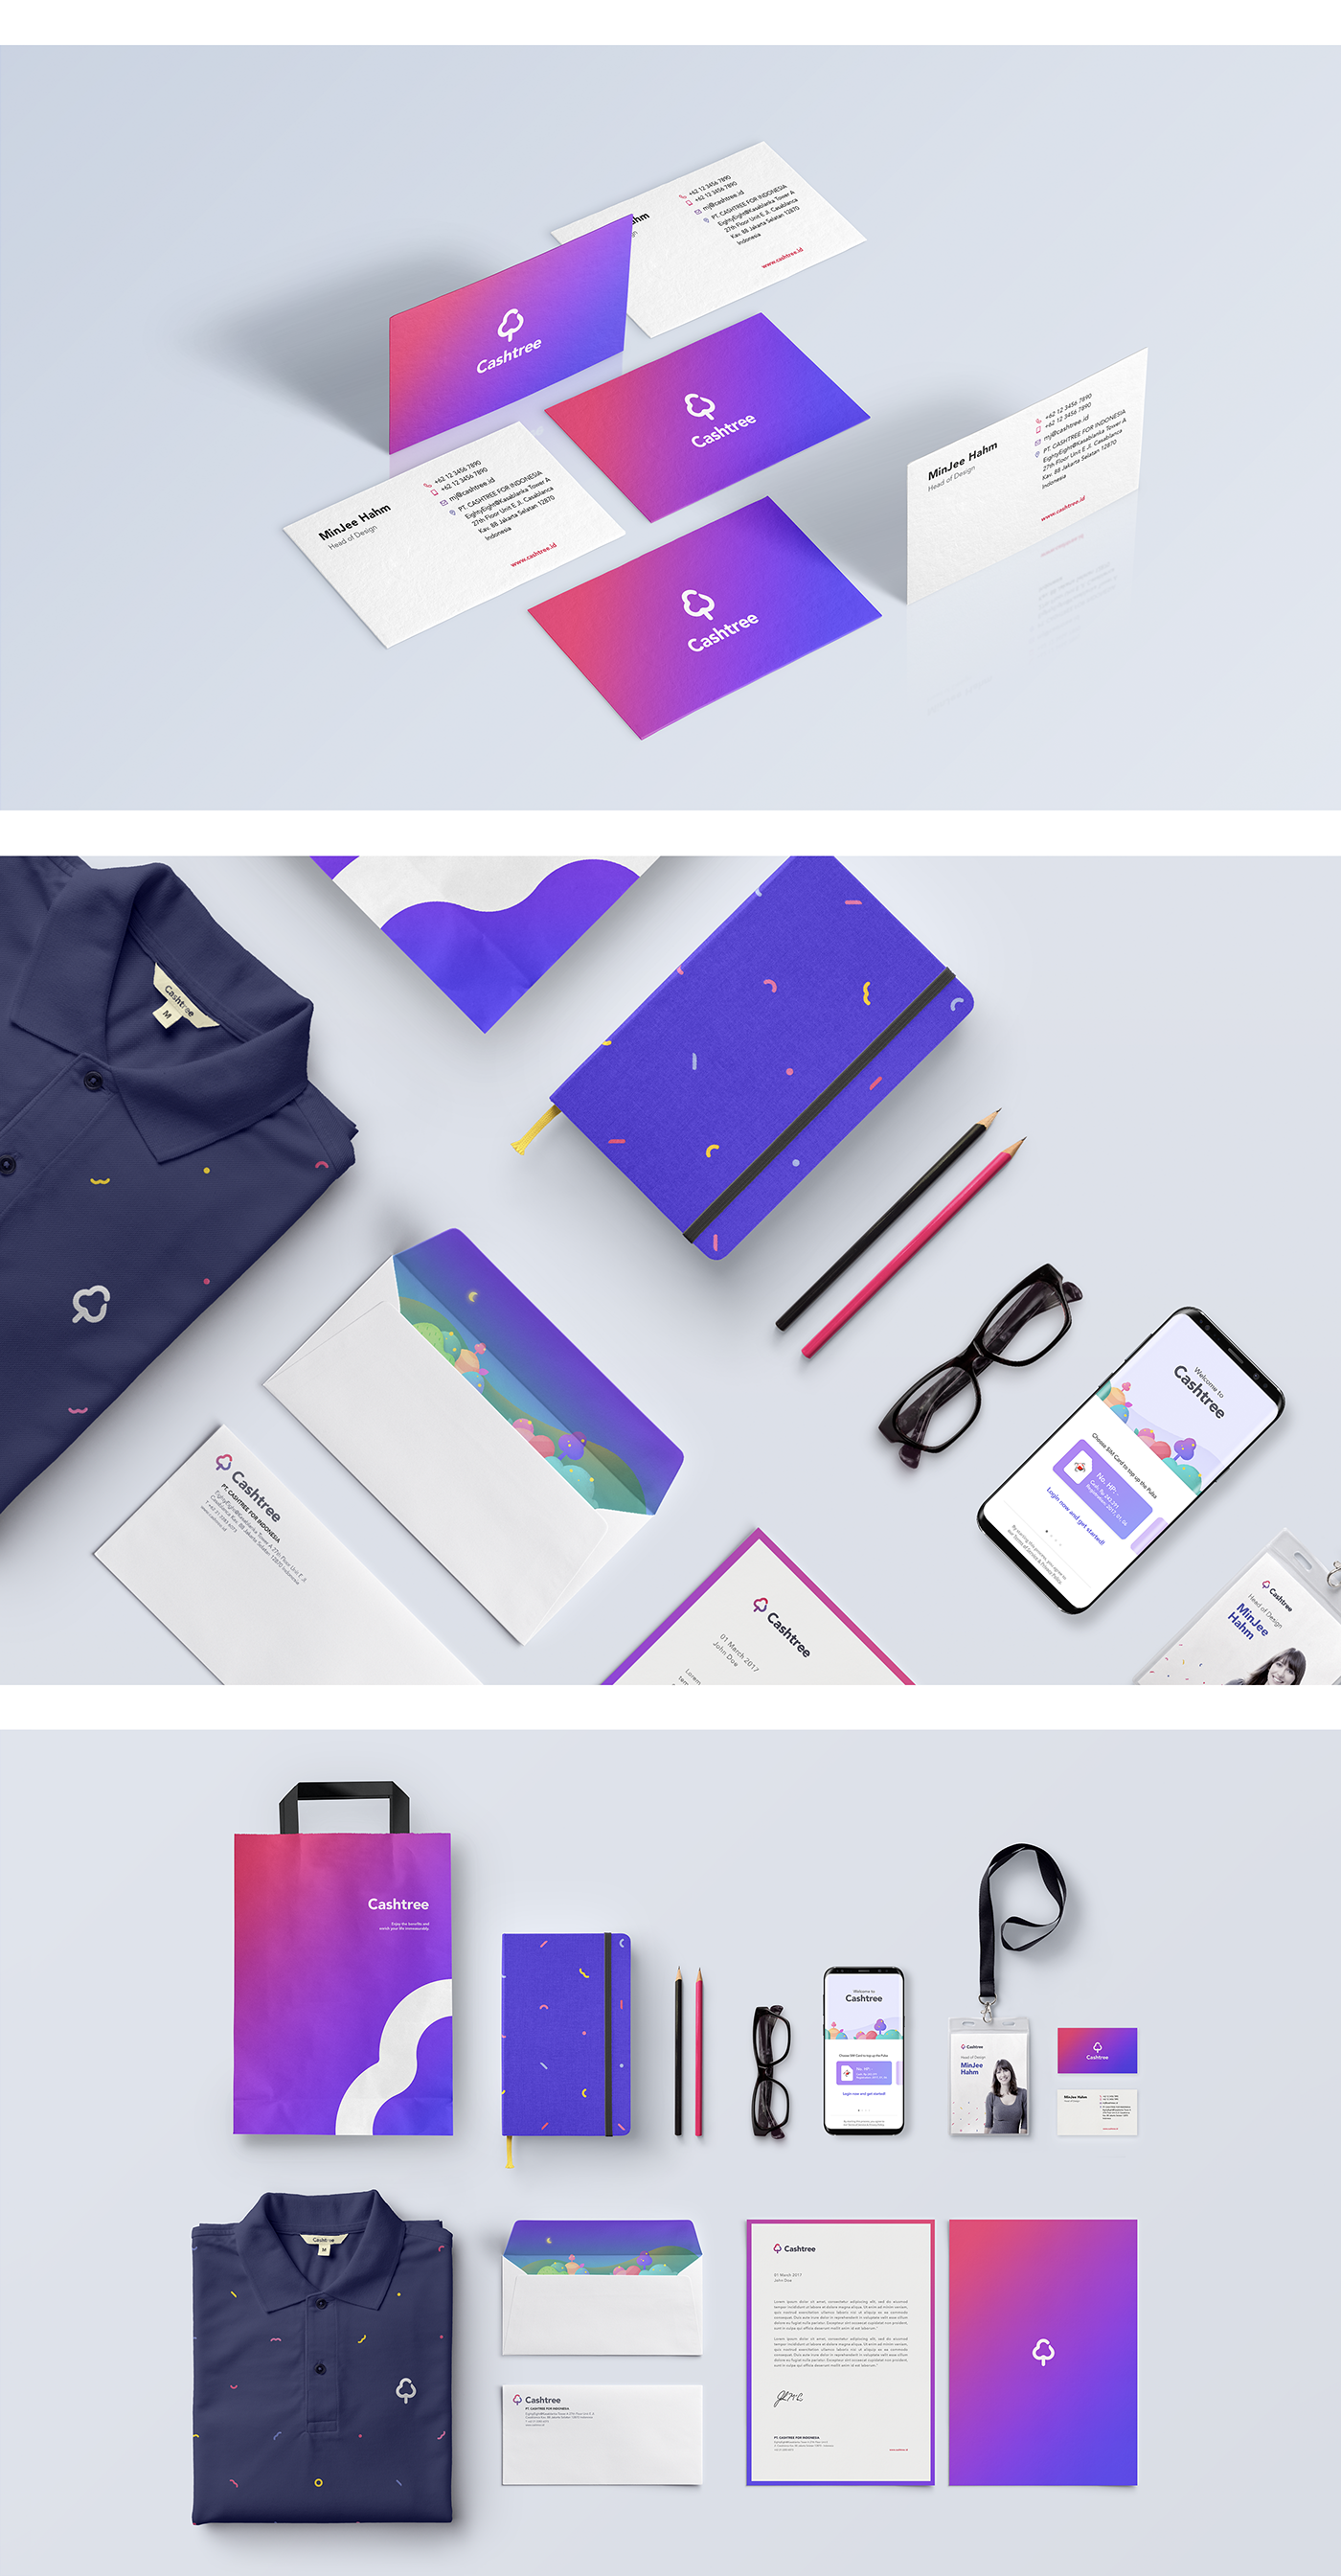 mobile app art direction  Cashtree branding  android UI ux logo